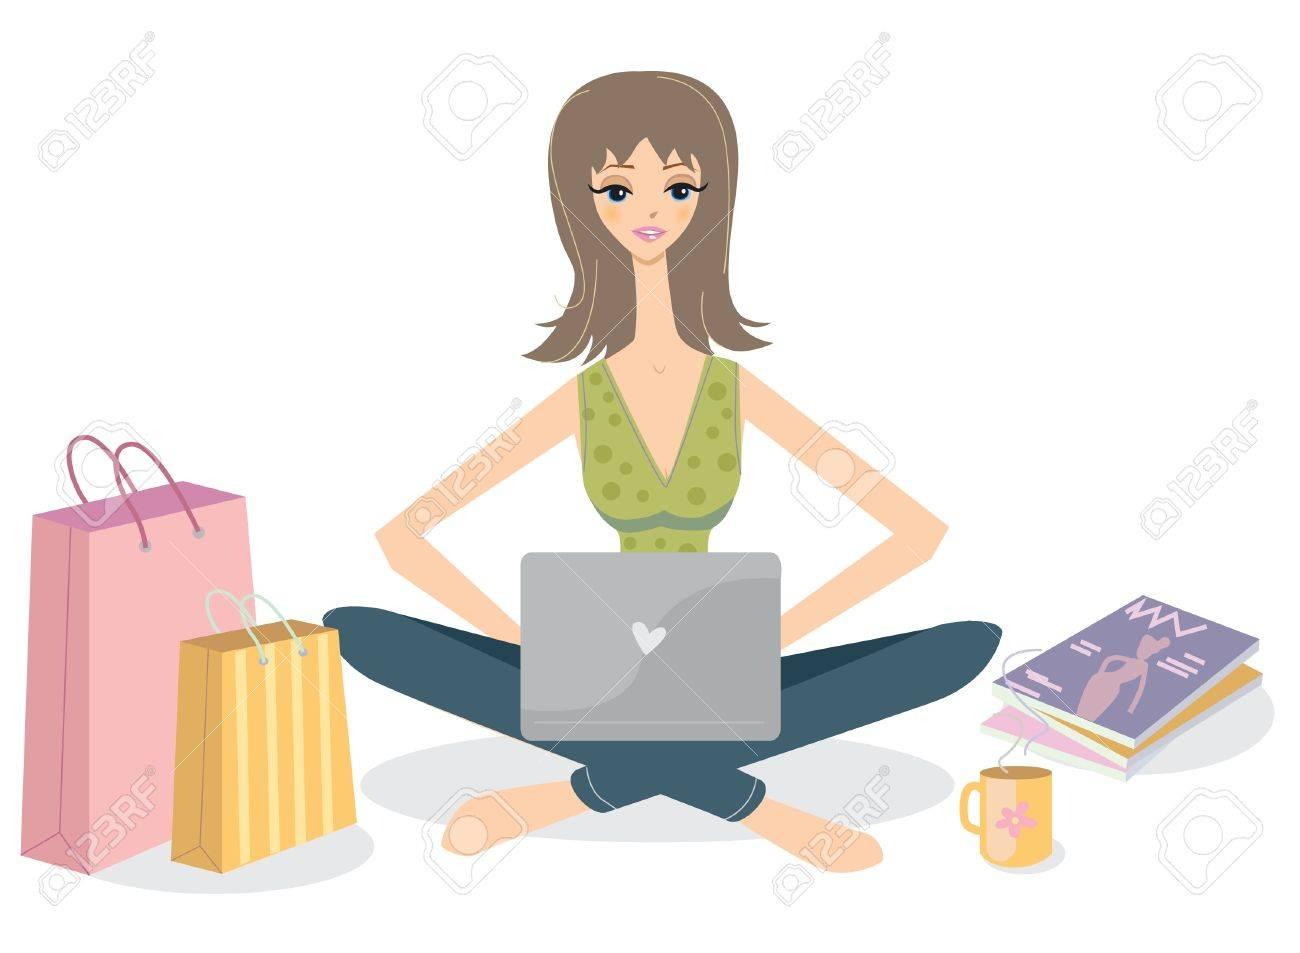 Ilustración de la chica con bolsas para portátiles y las compras Foto de archivo - 20294931